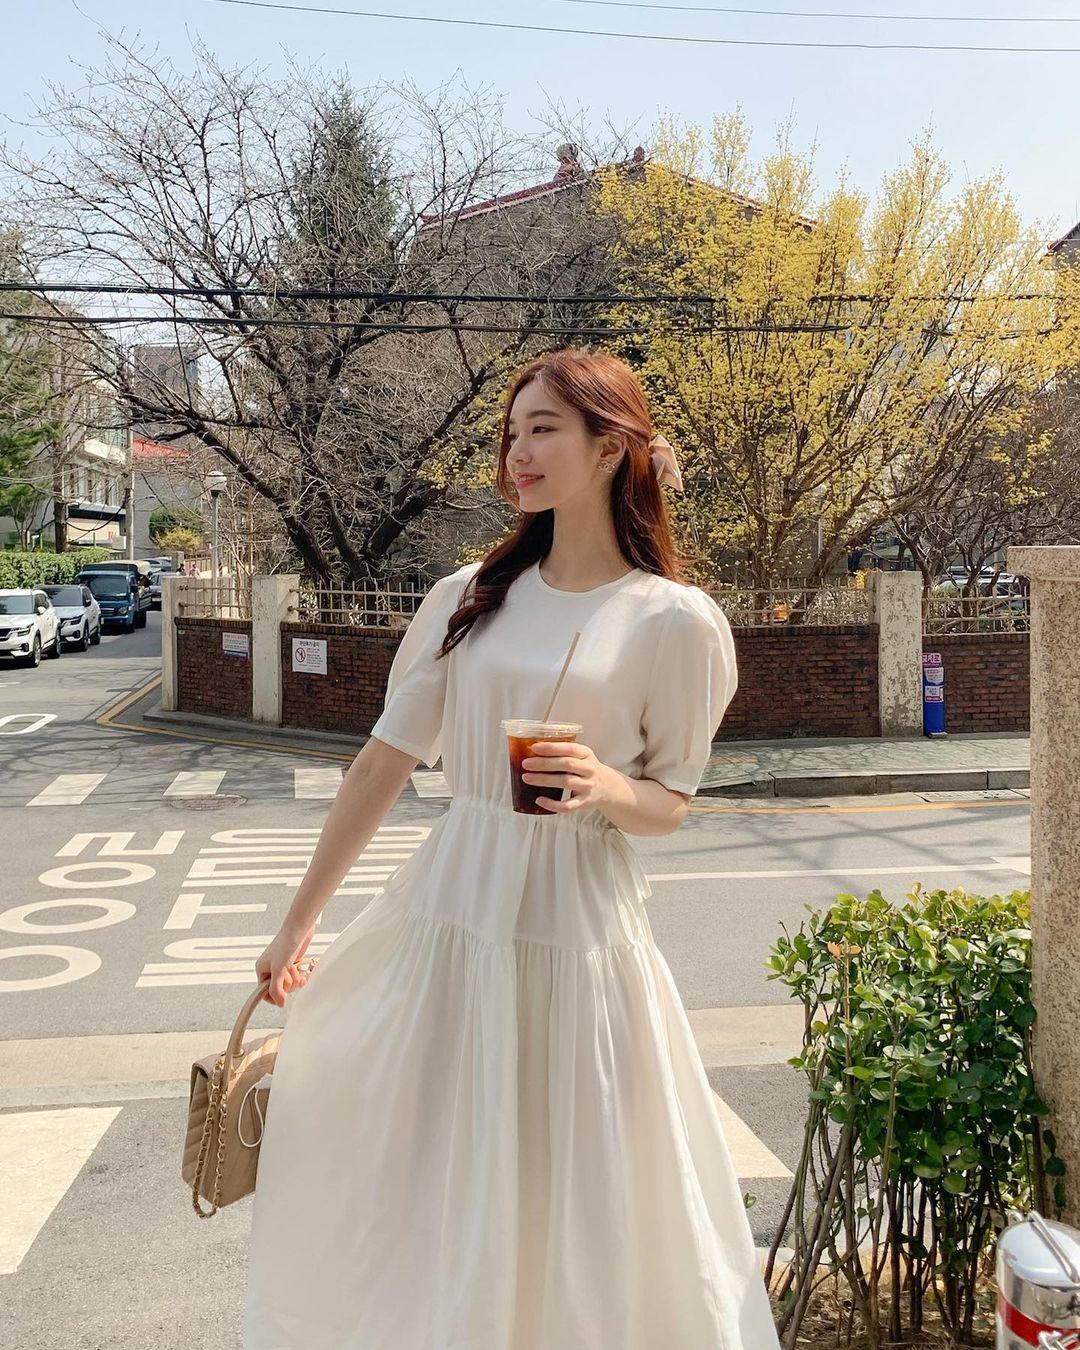 Hè đến là gái Hàn lại diện đủ kiểu váy trắng siêu trẻ xinh và tinh tế, xem mà muốn sắm cả 'lố' về nhà - Ảnh 14